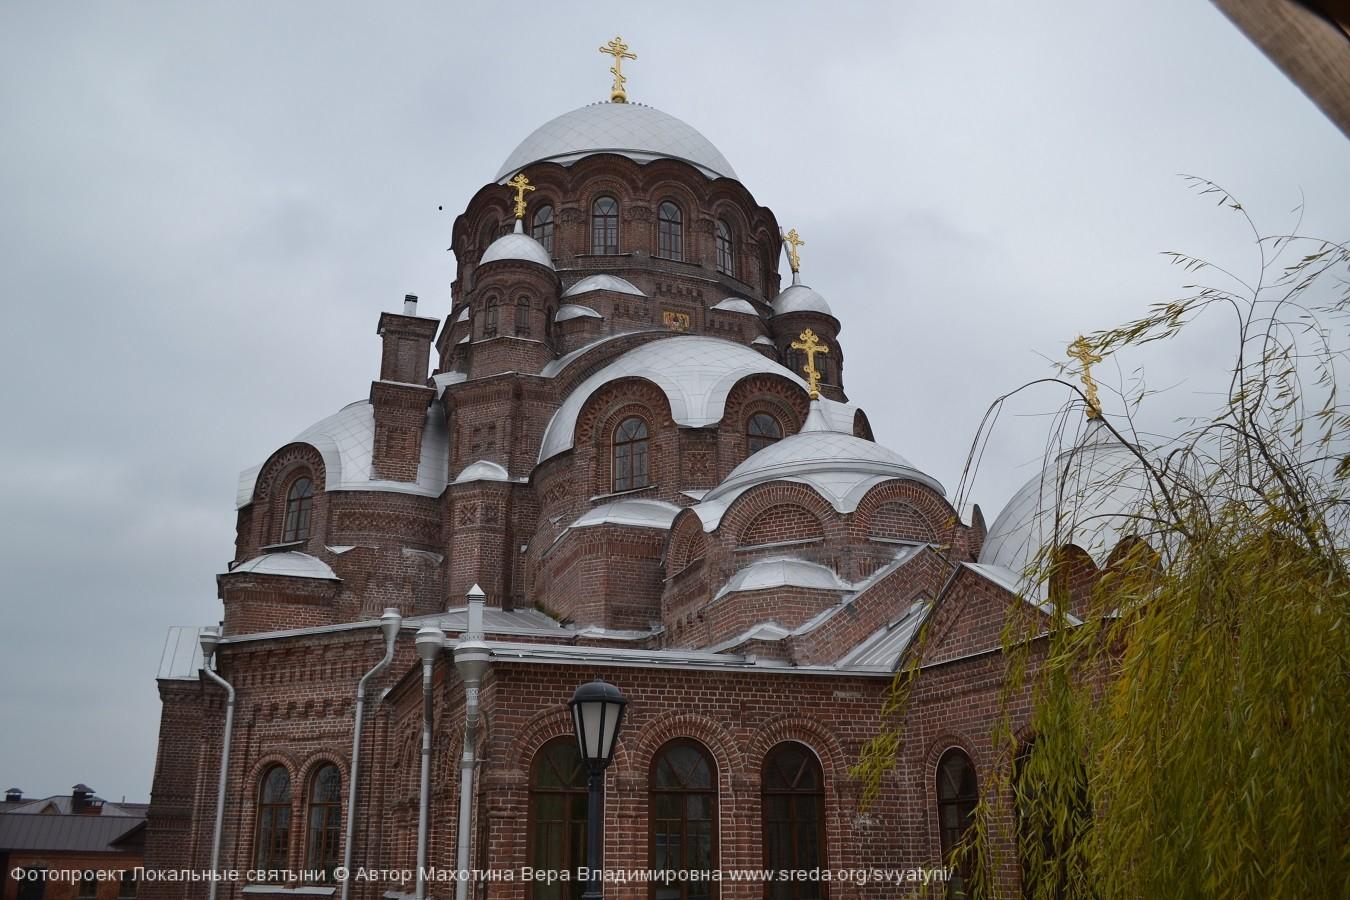 Собор Богоматери в Иоанно-Предтеченском монастыре